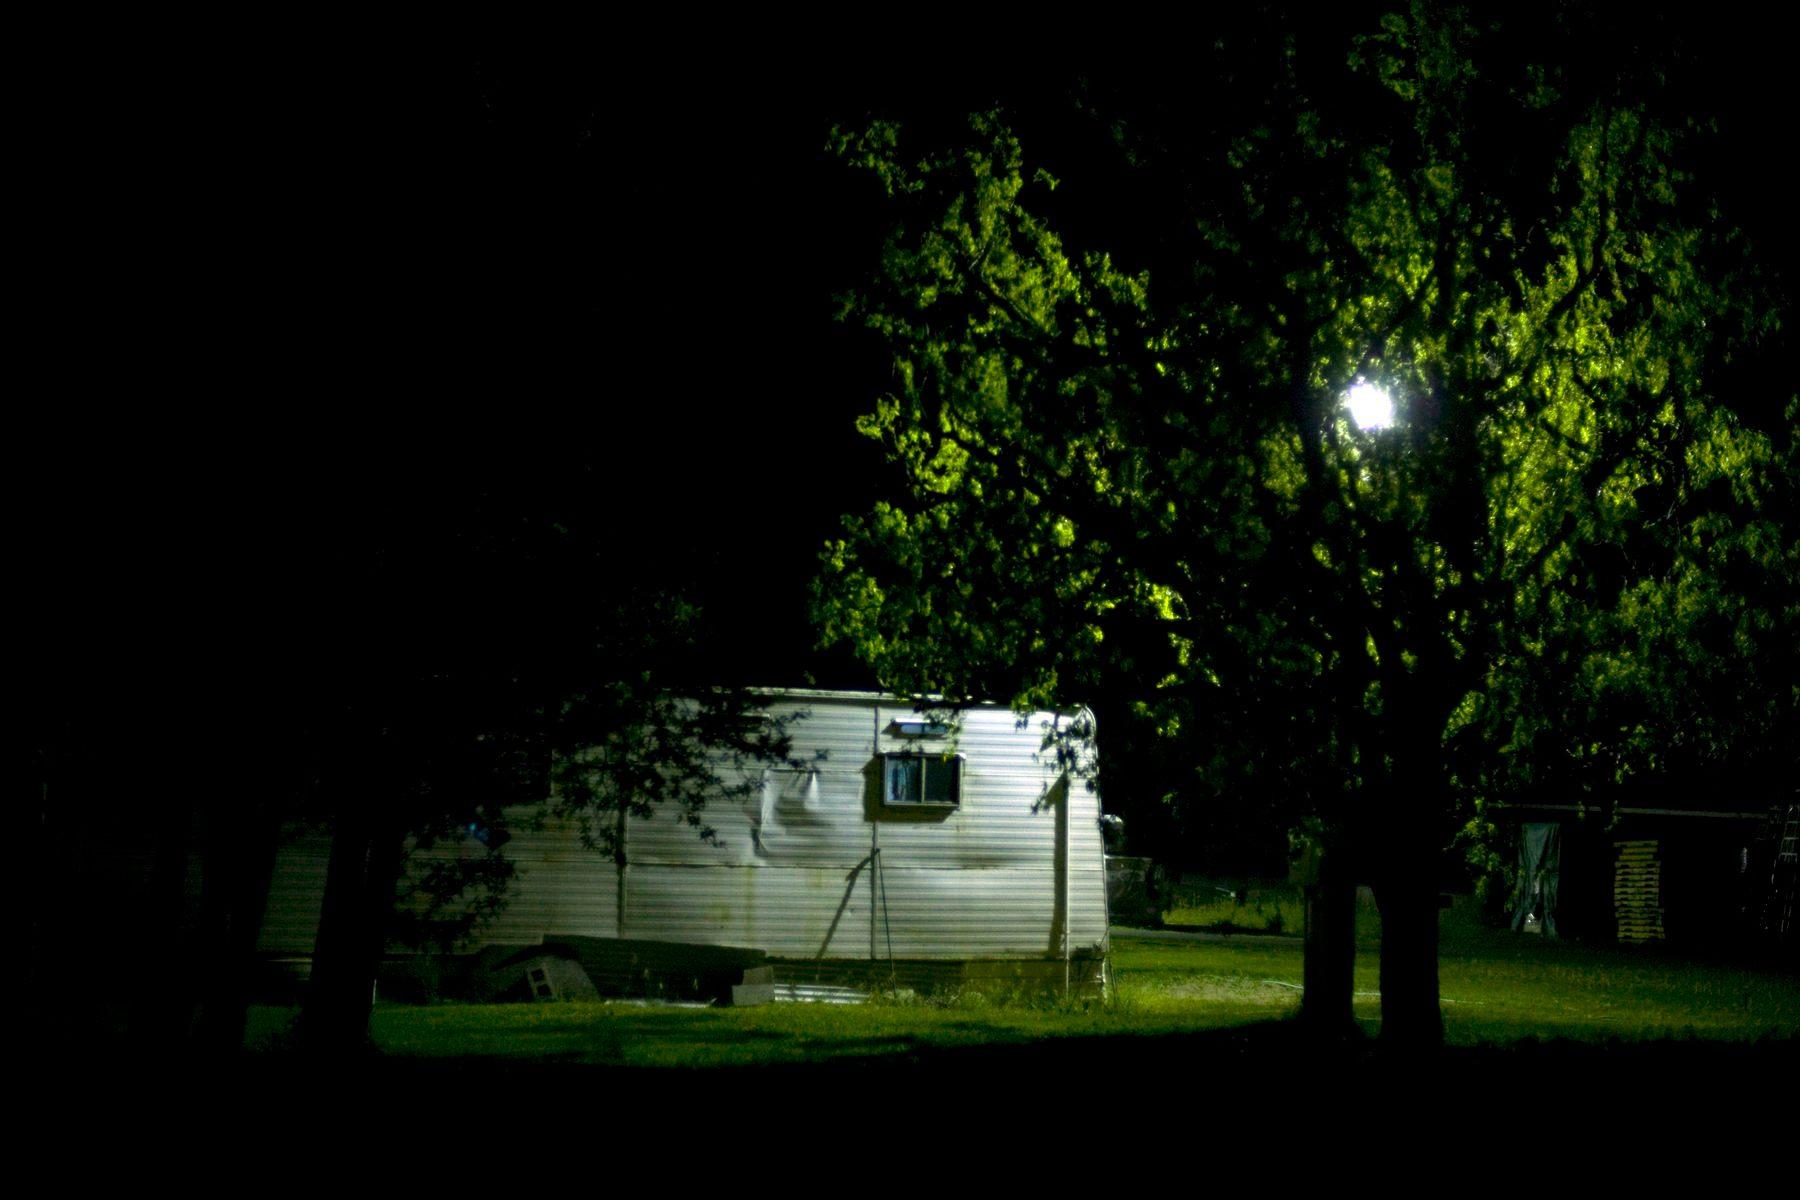 1nightcamper